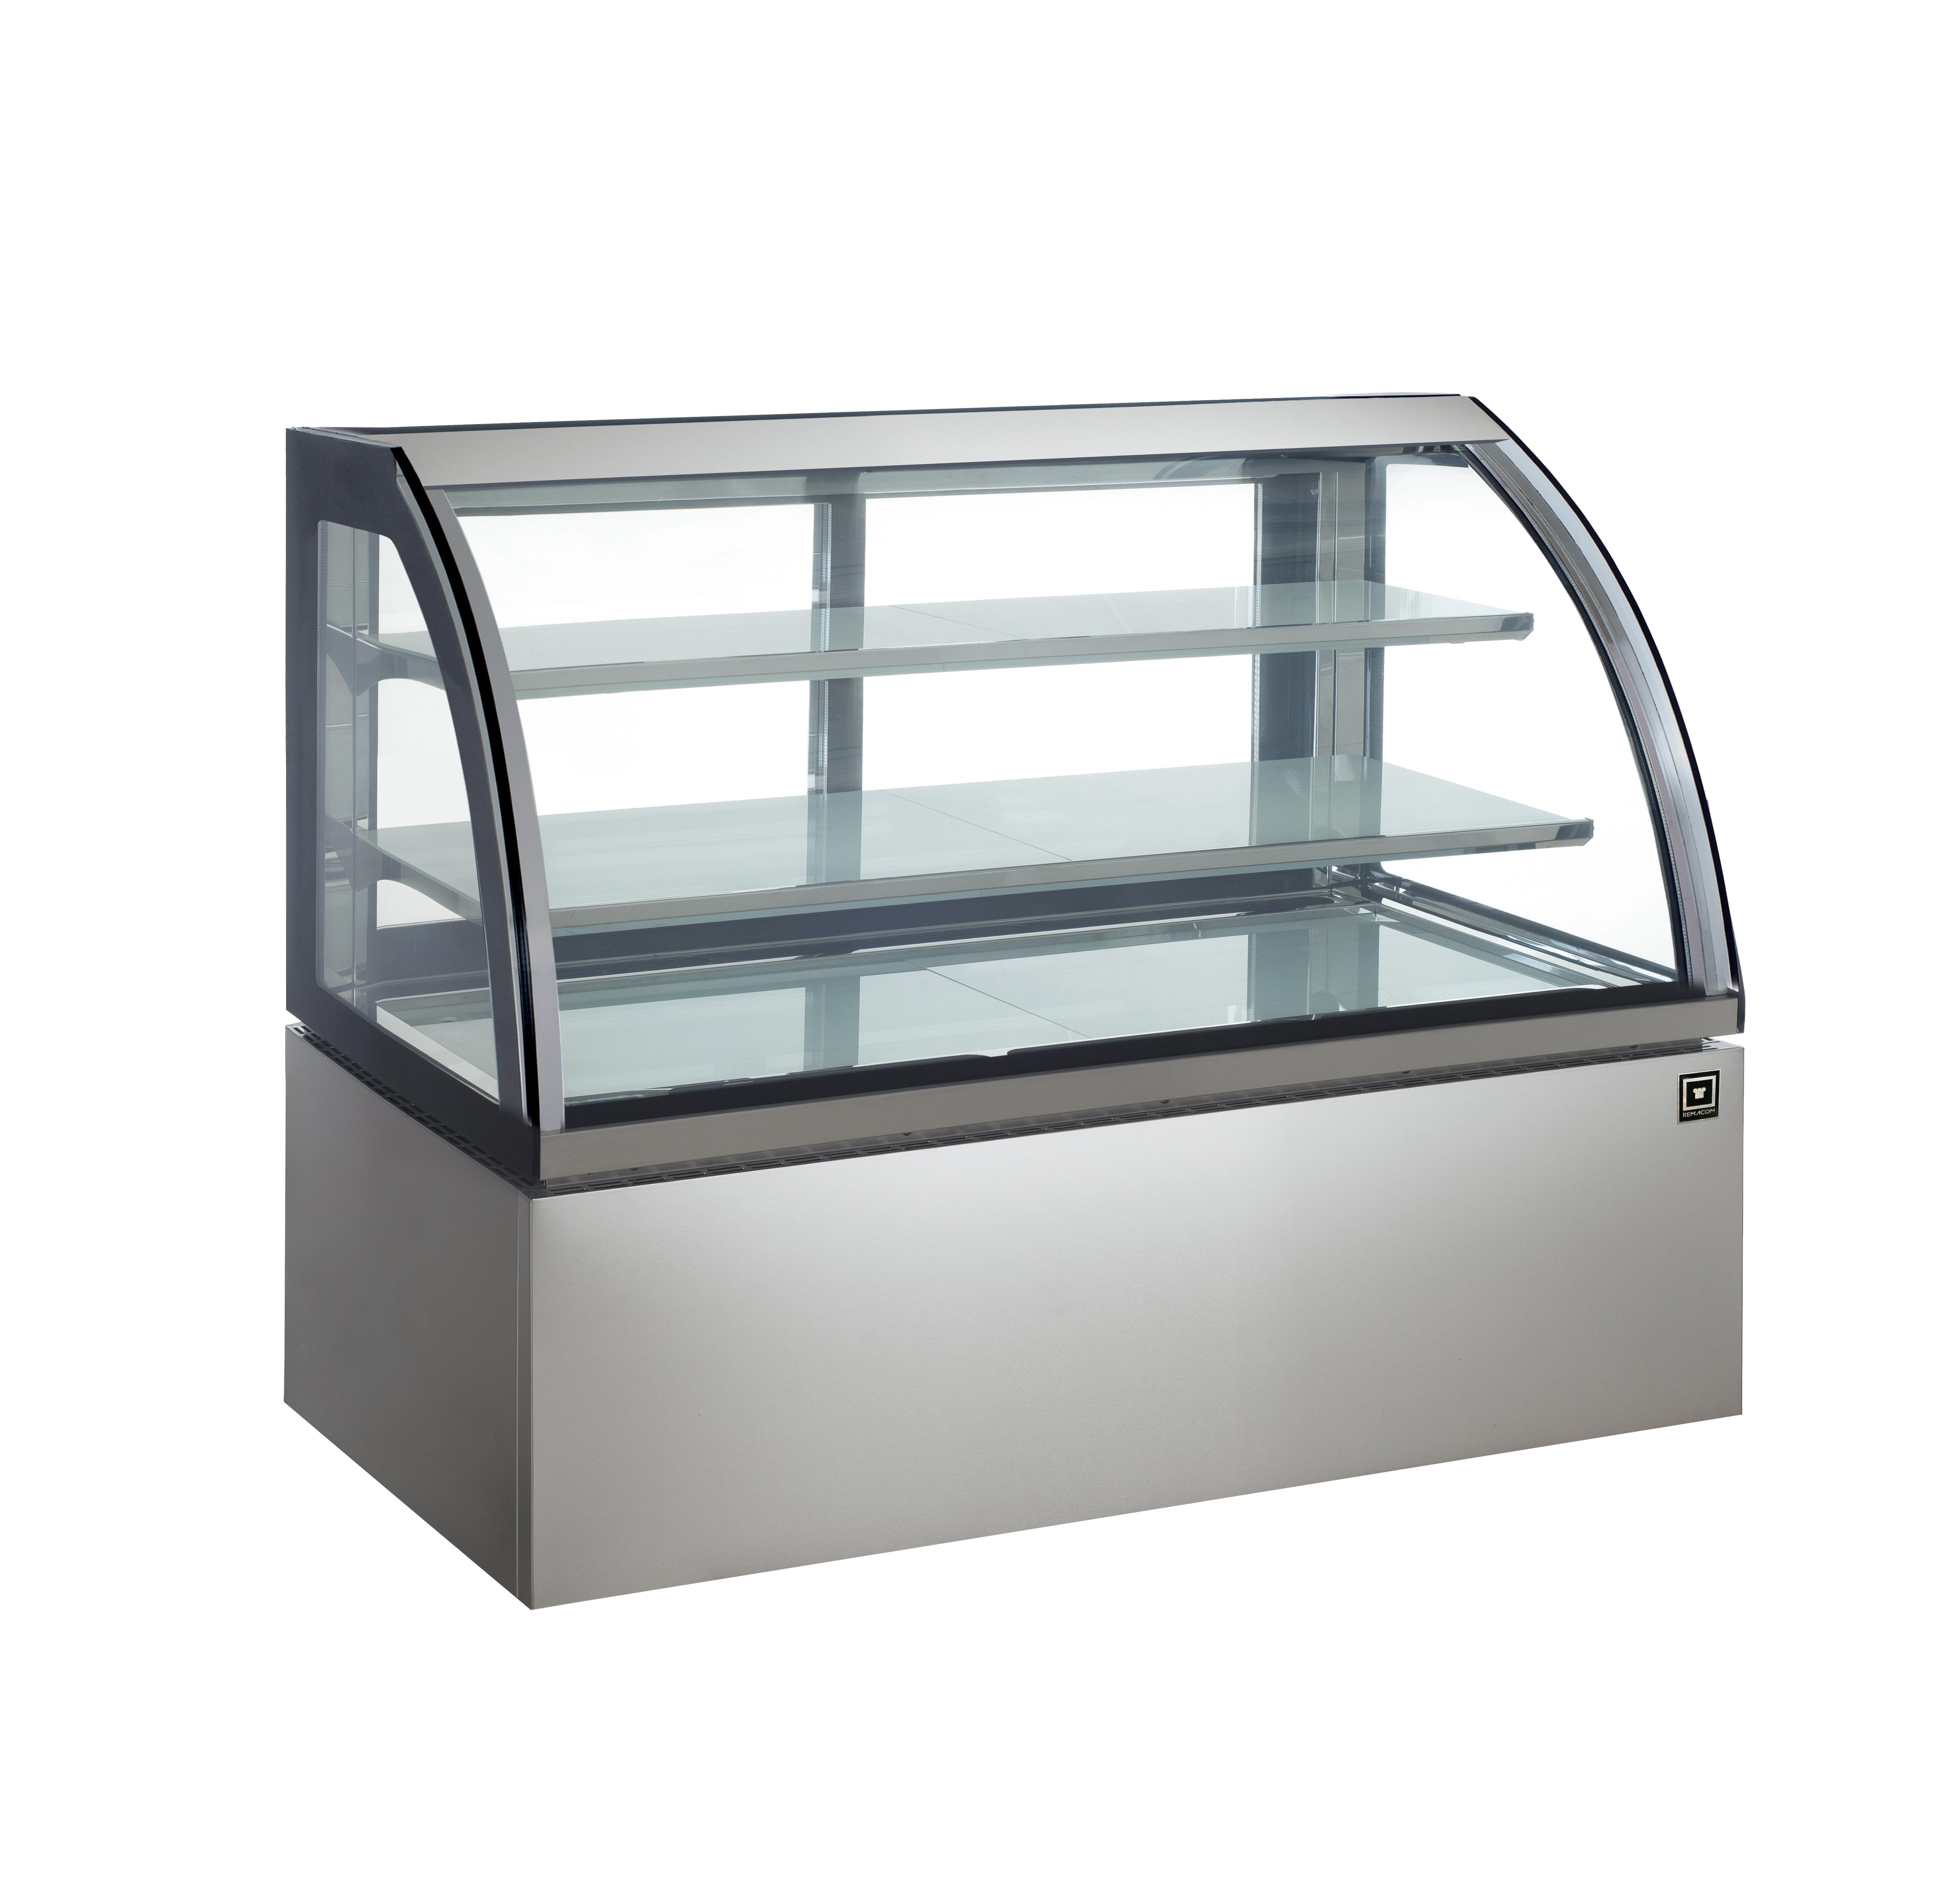 対面冷蔵ショーケース LED仕様 3段(中棚2段)幅1500mmタイプ RCS-K150S2L